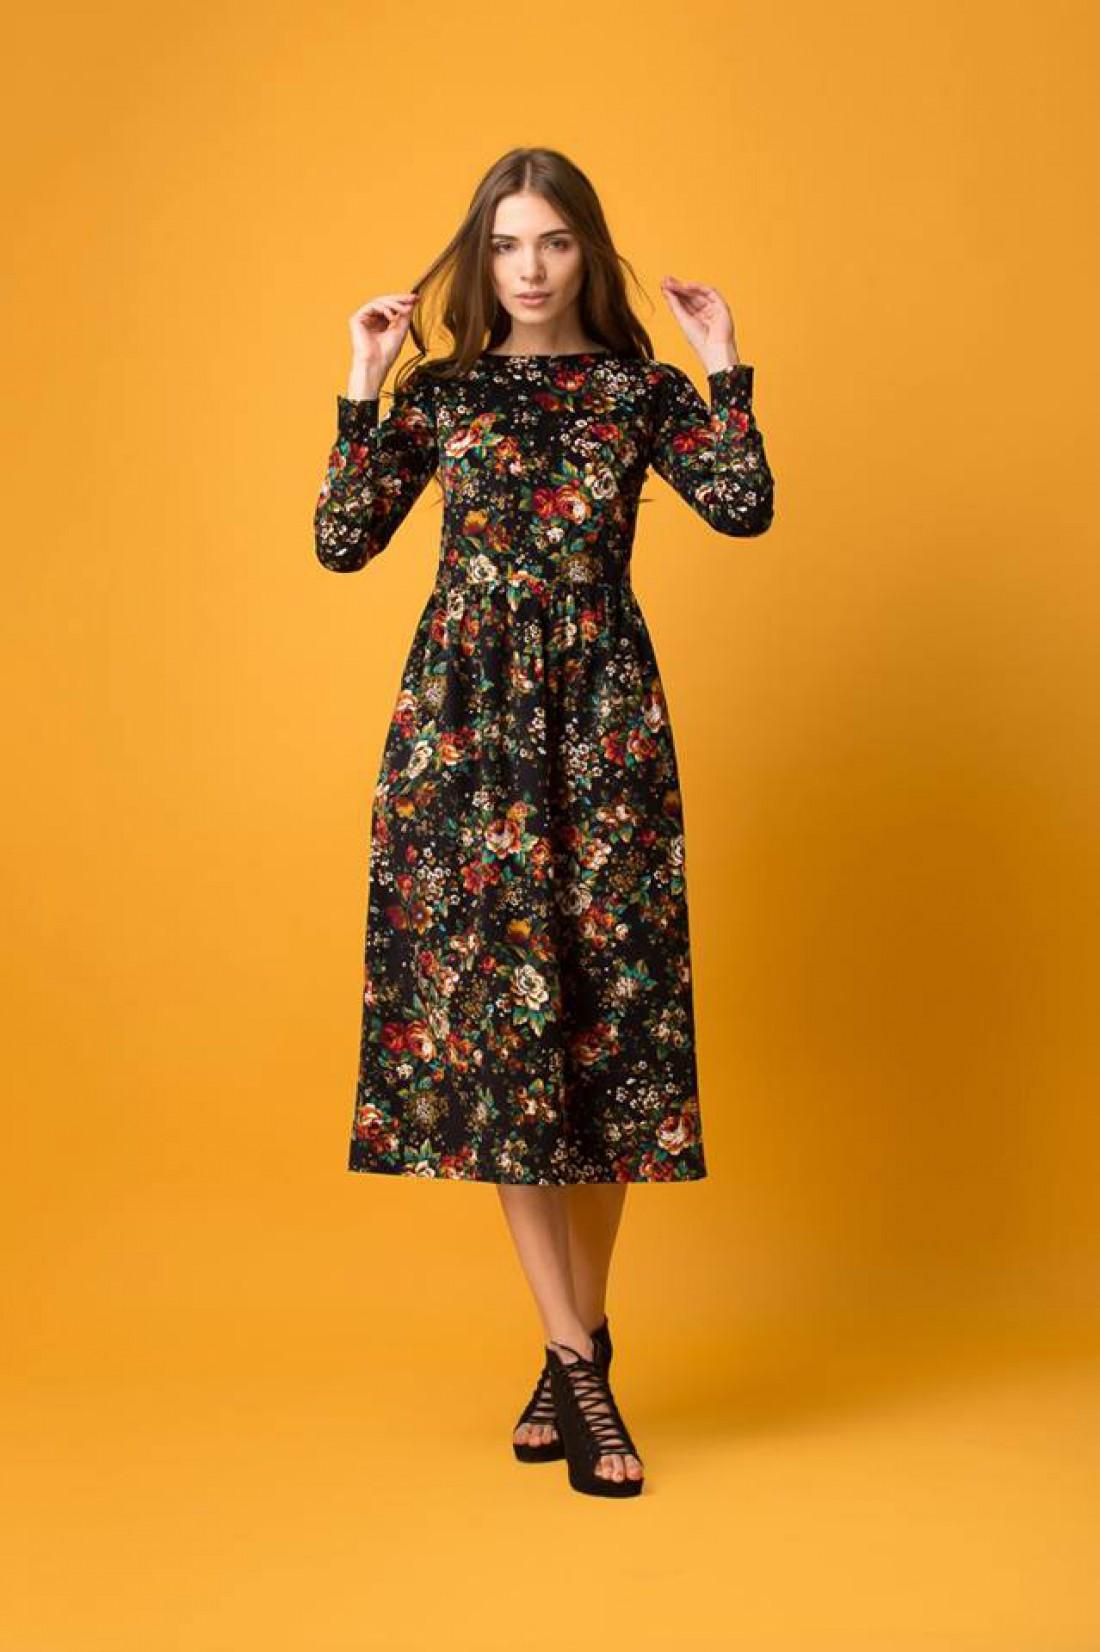 Цветочное платье от украинского бренда Oh,Yes